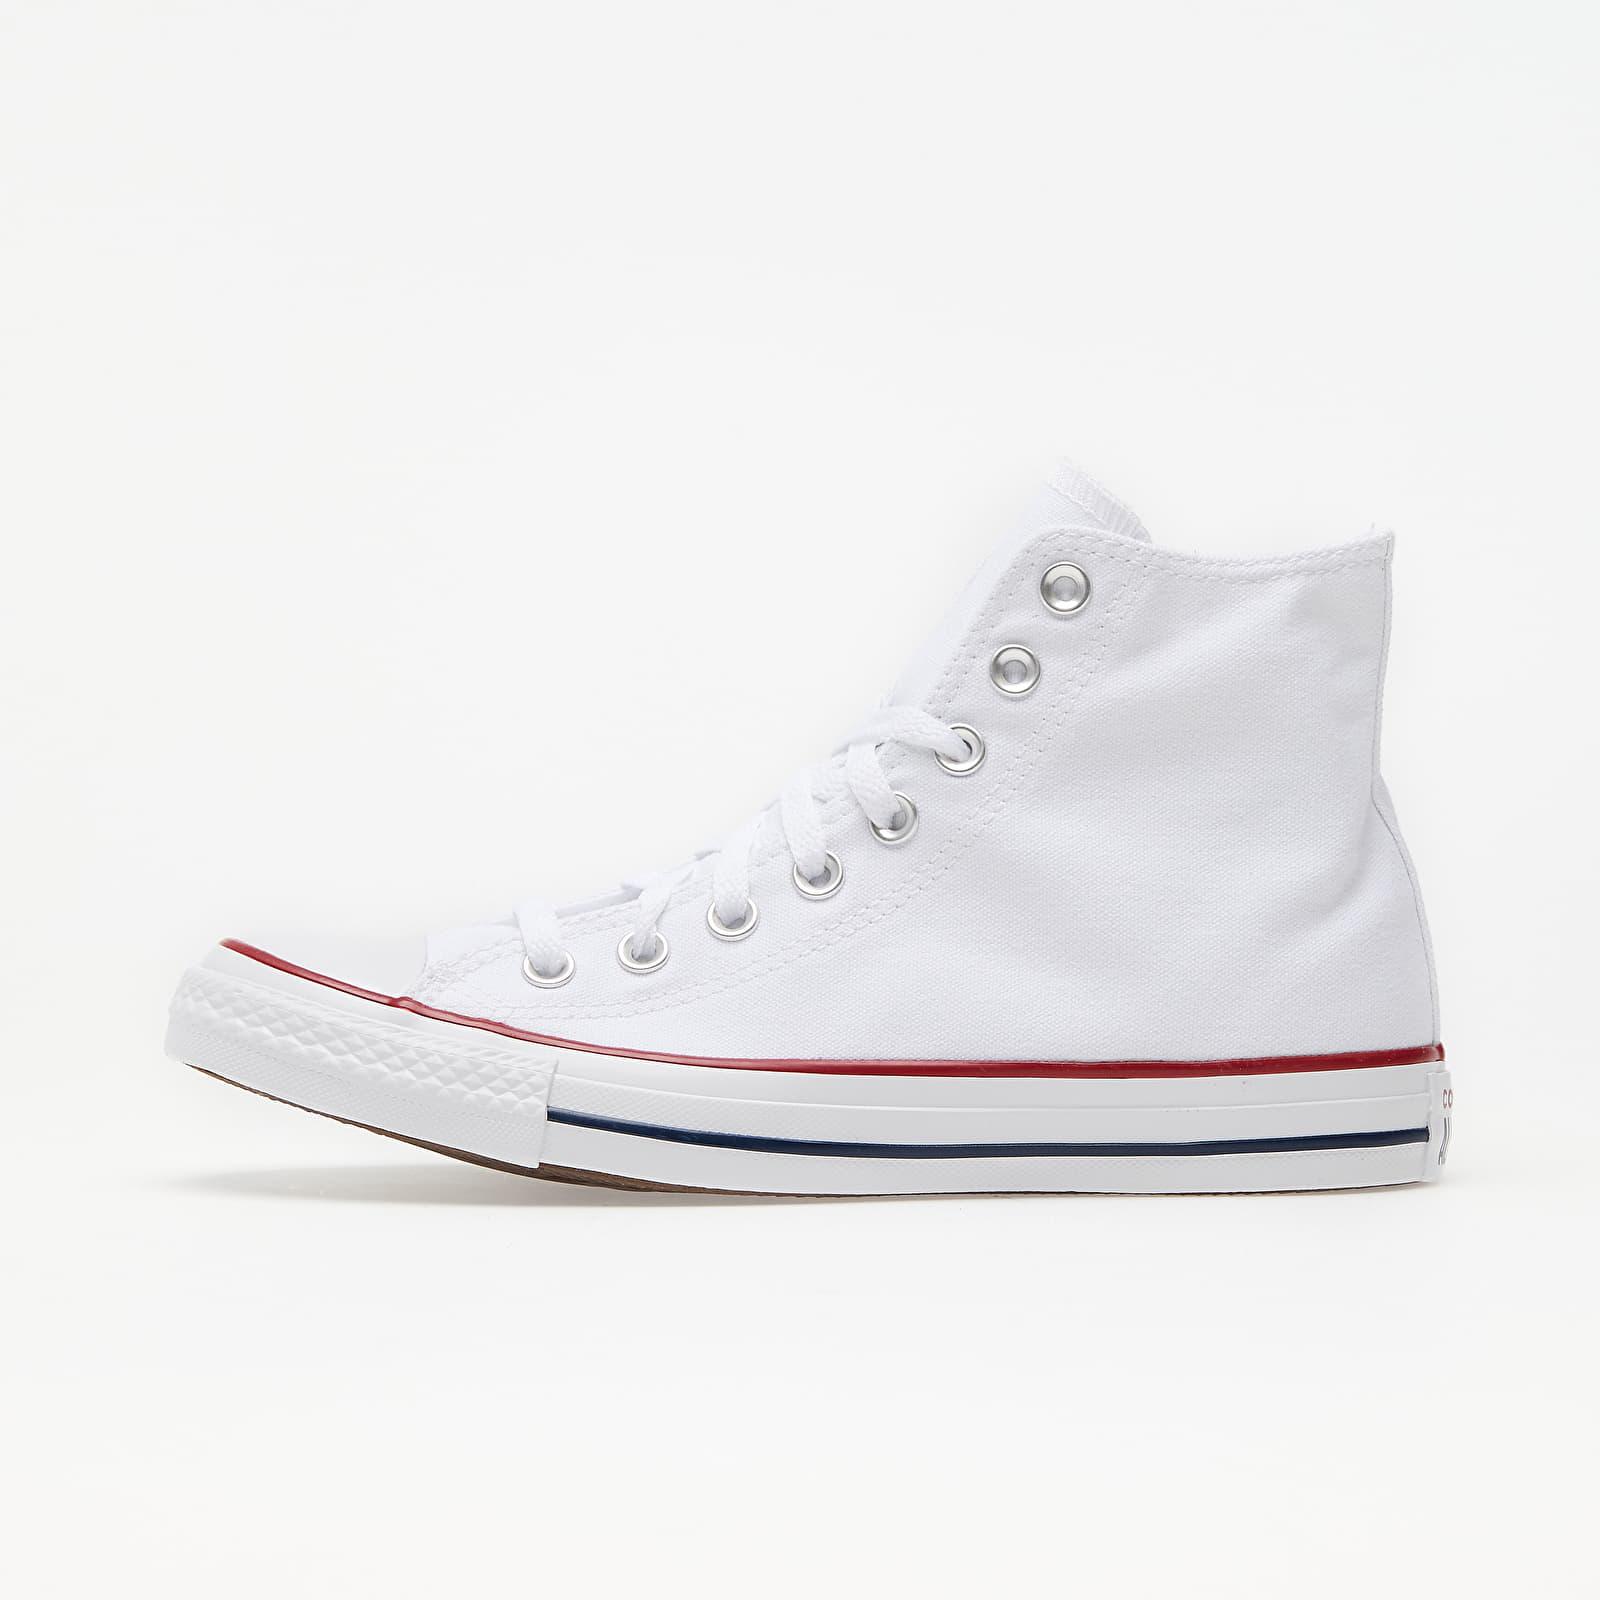 Converse All Star Hi Optic White EUR 37